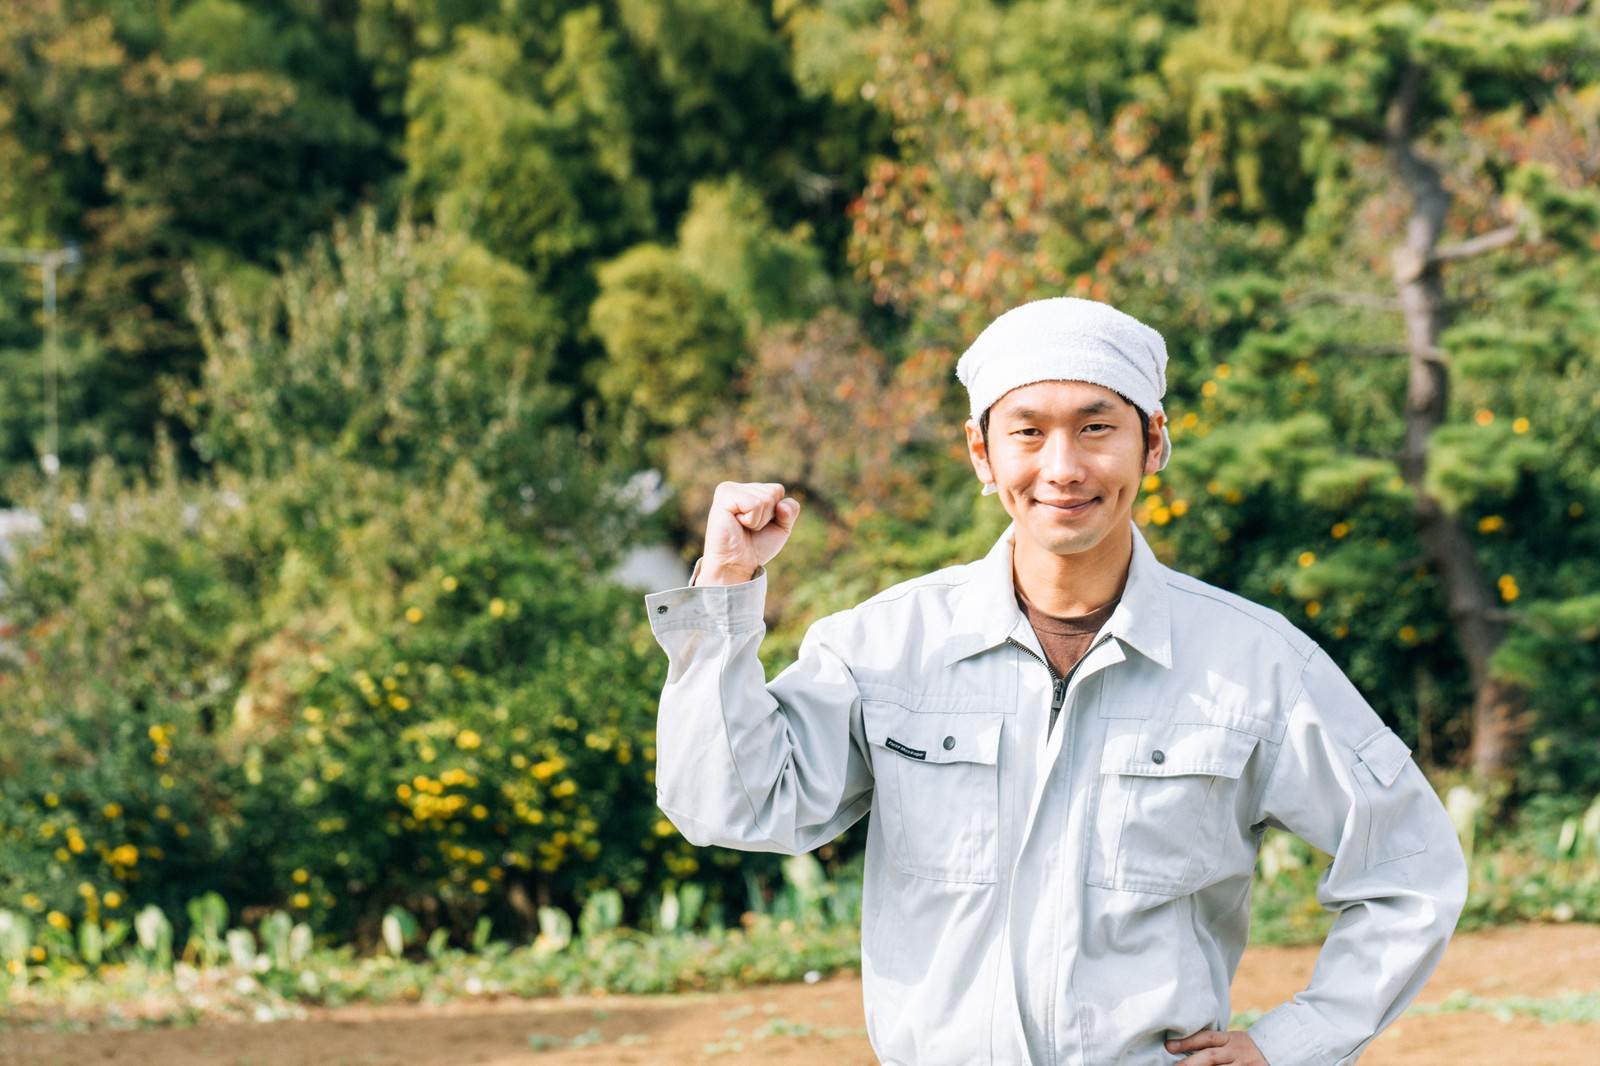 北海道での仕事の探し方・転職サイト|北海道での住み込みの仕事のサムネイル画像